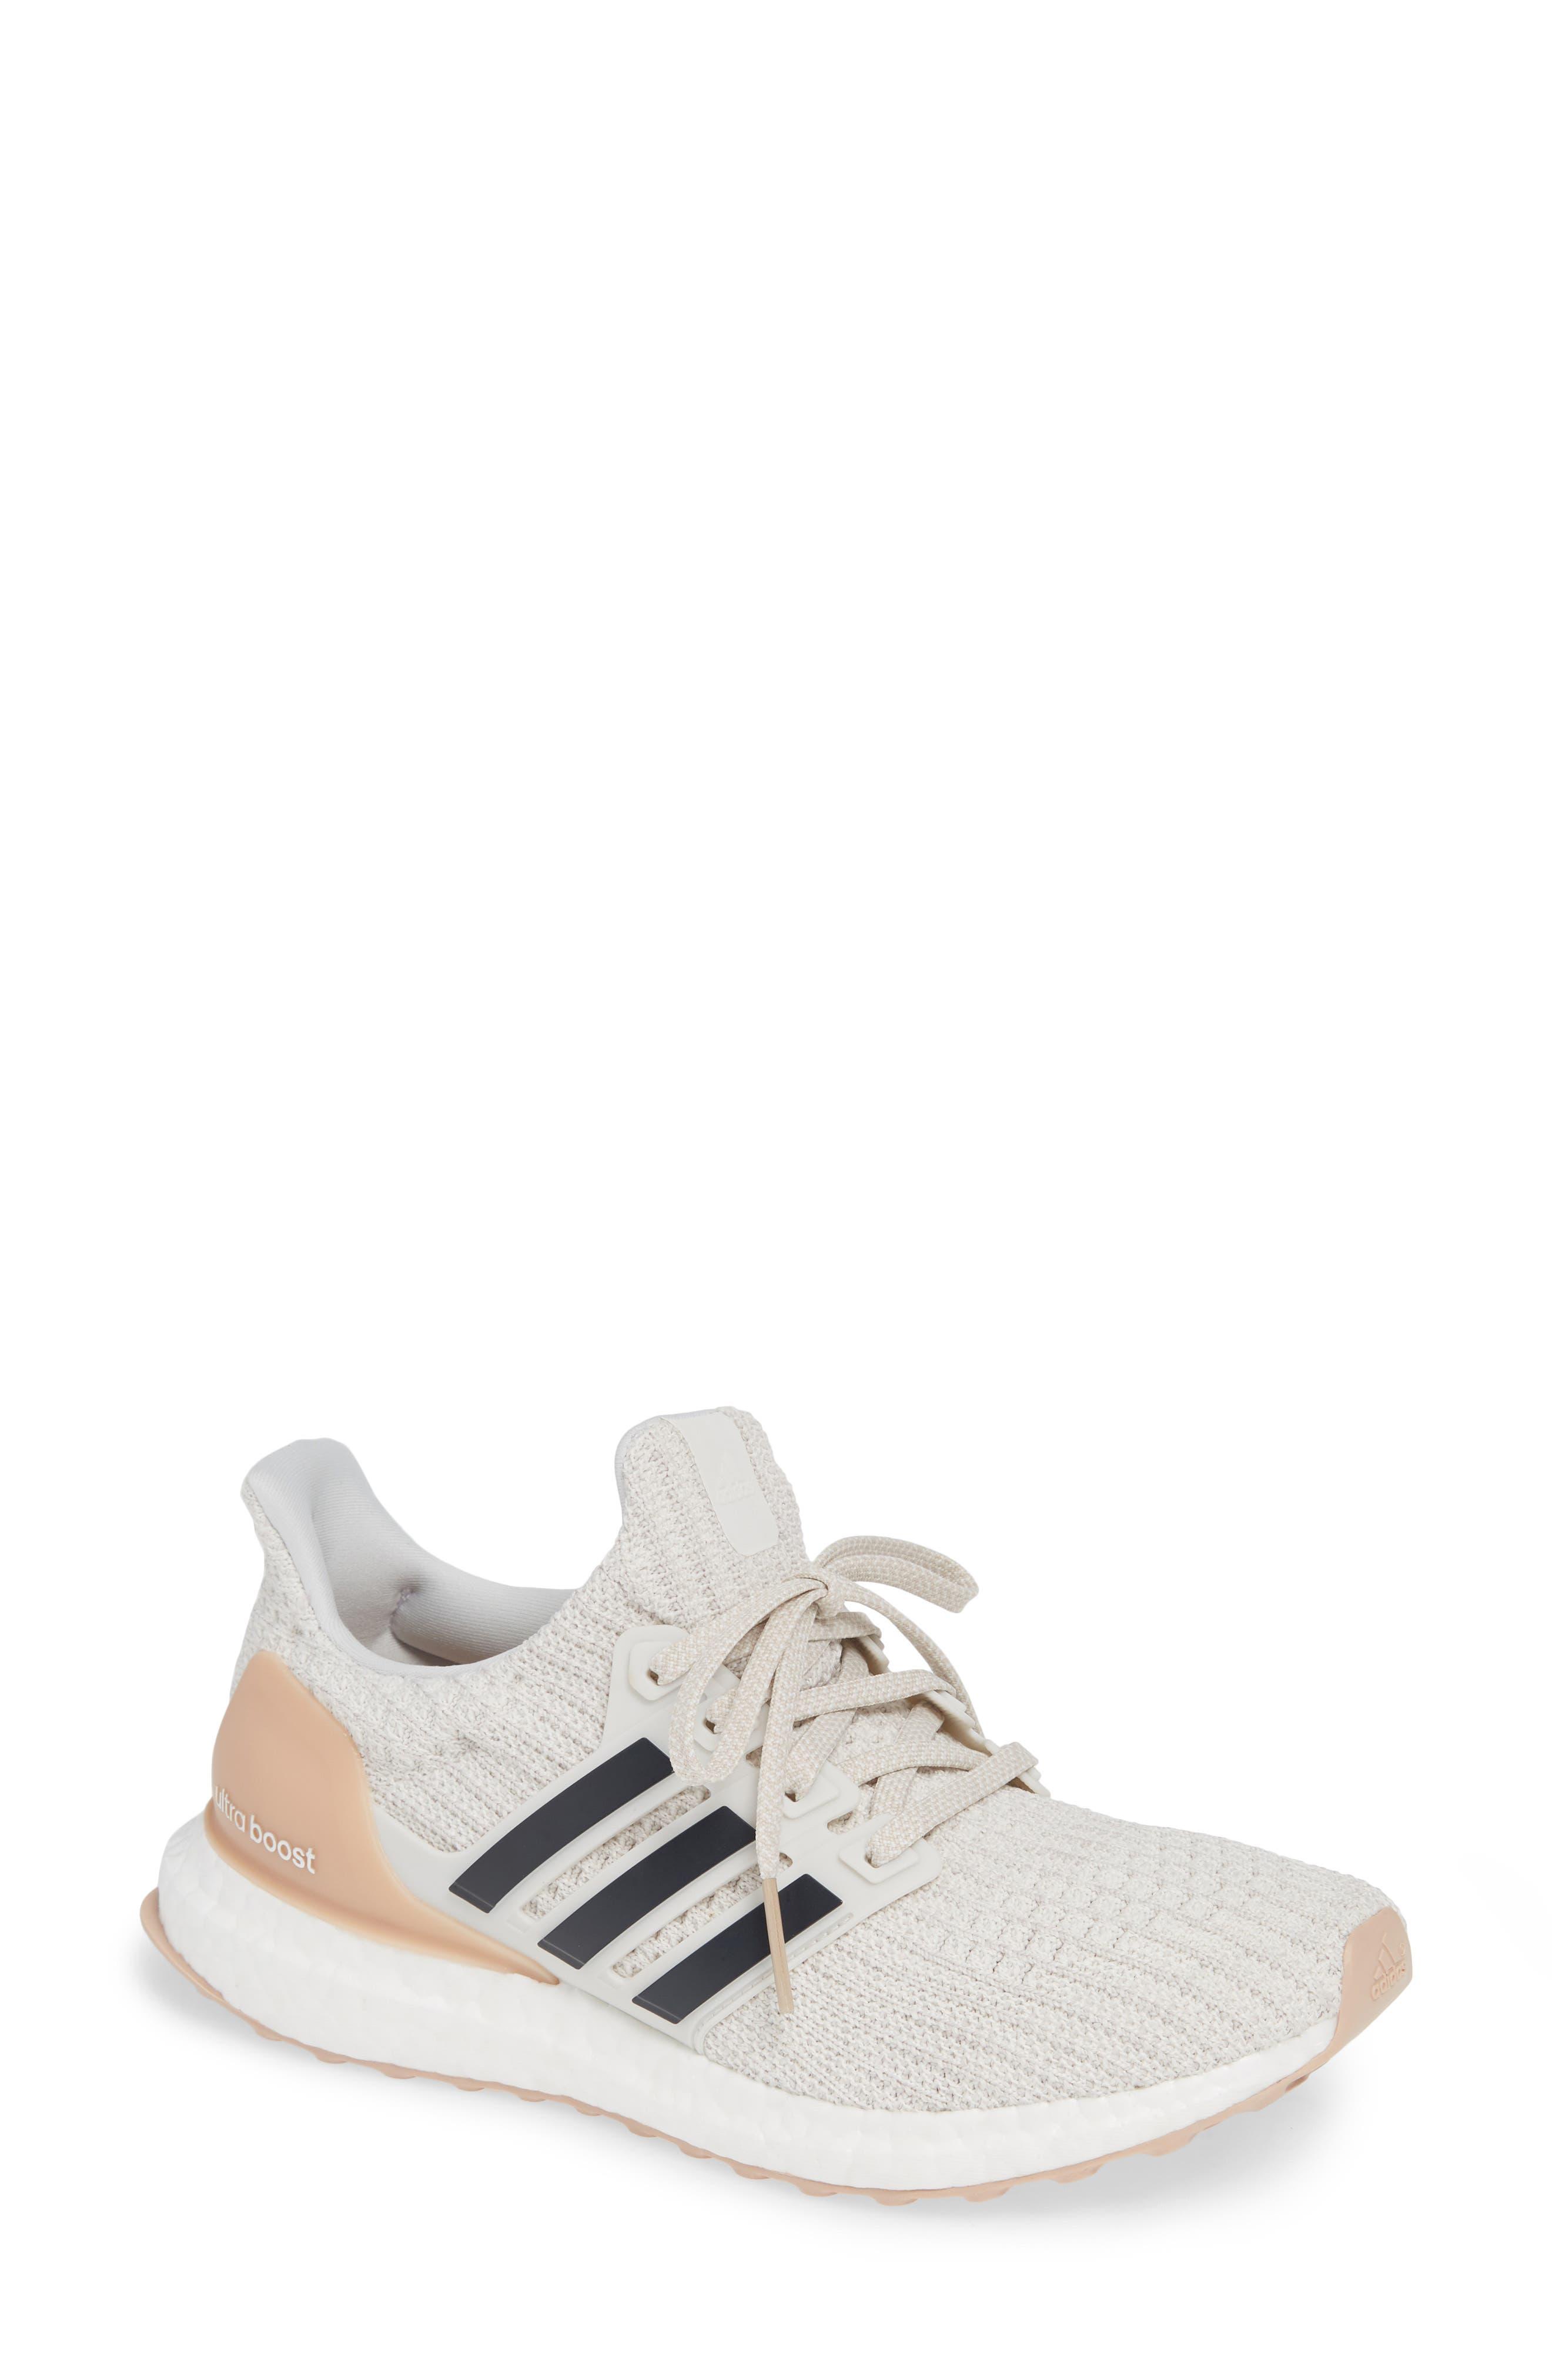 1825f89a1 ... reduced adidas ultraboost running shoe women 9cfd9 0428e ...